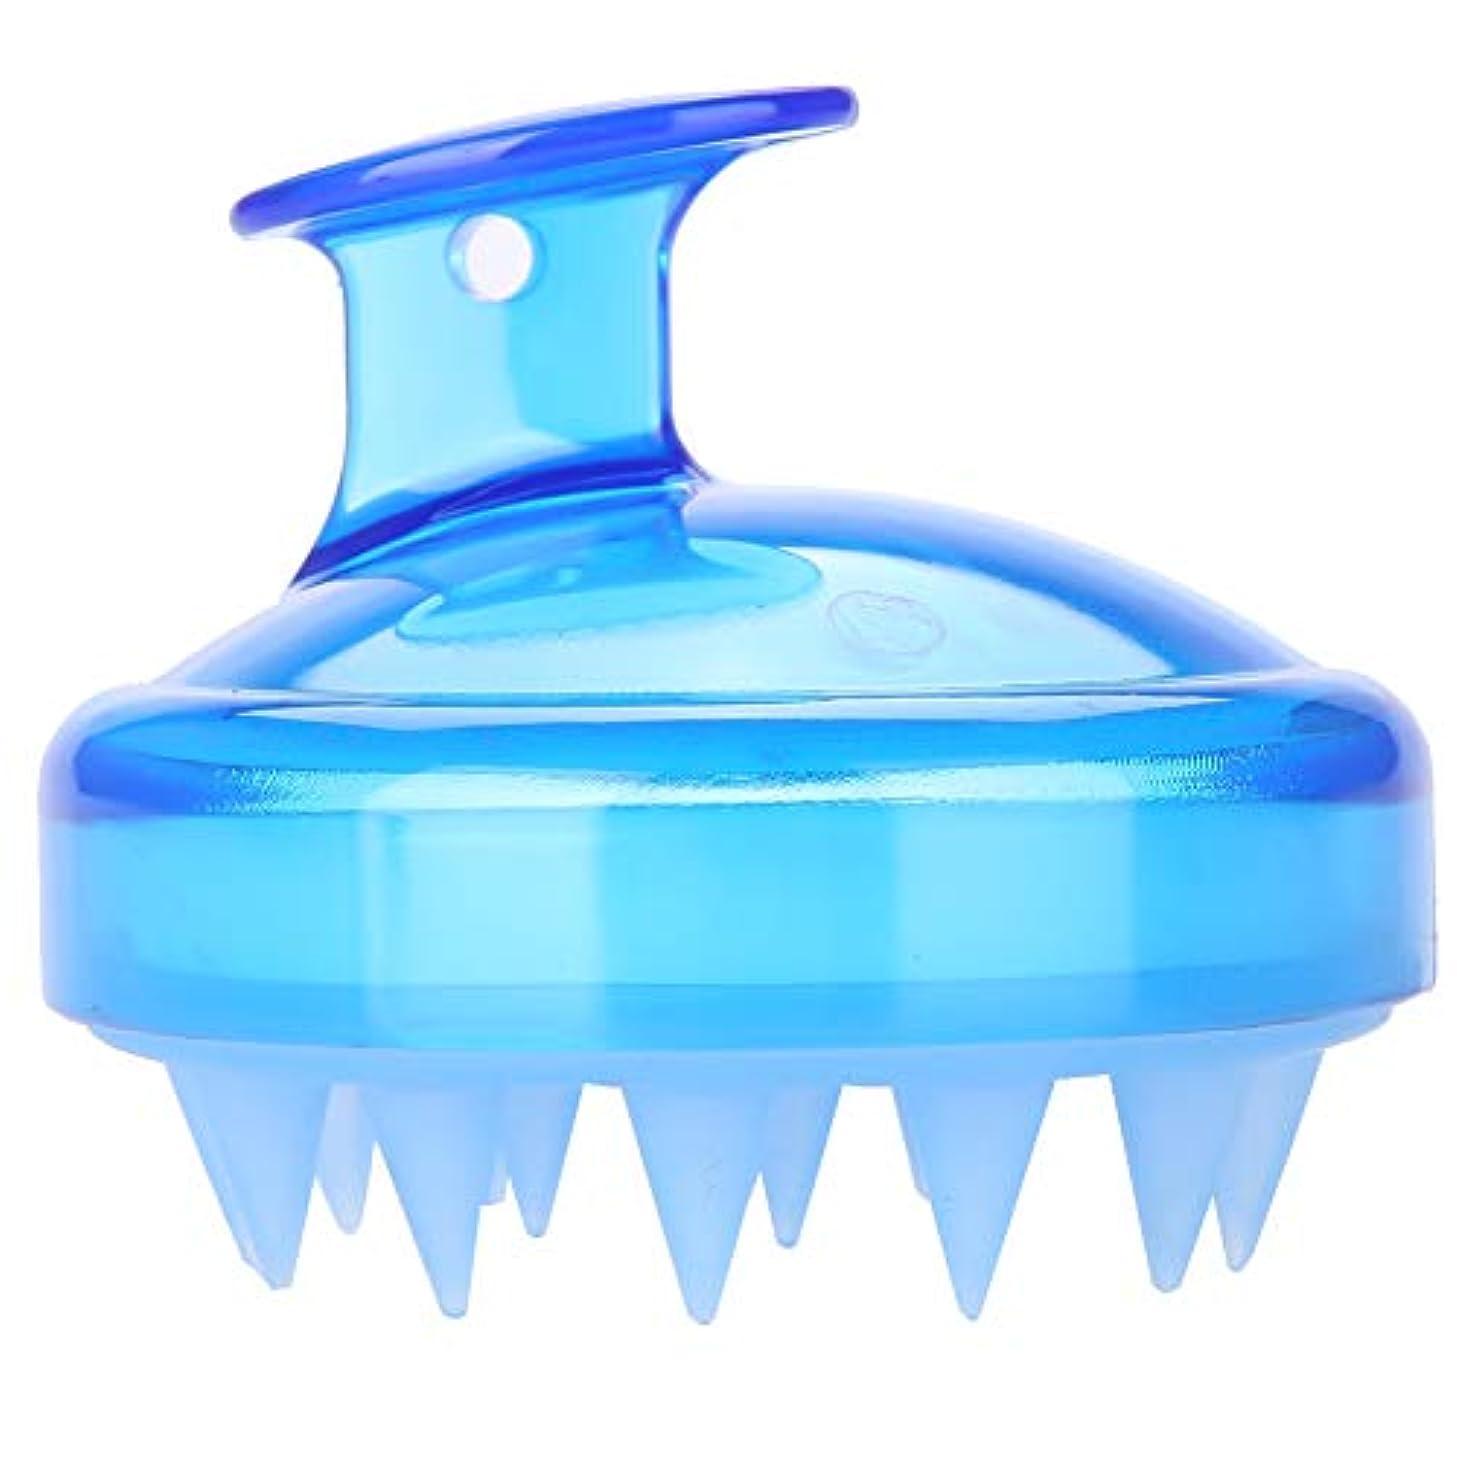 金銭的禁止押し下げる5色マッサージャーヘッド - スカルプマッサージャー、マッサージャーブラシヘッドシャンプー - ボディ洗浄マッサージャーのためのシャワーブラシ(青)